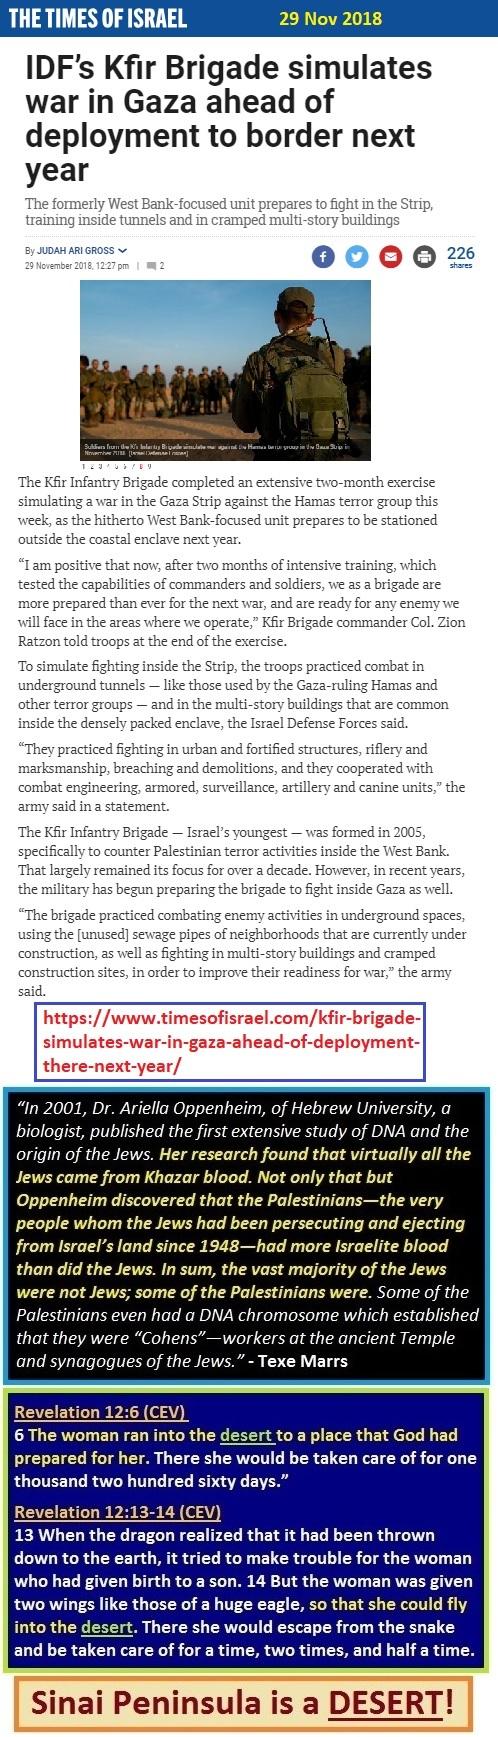 https://www.timesofisrael.com/kfir-brigade-simulates-war-in-gaza-ahead-of-deployment-there-next-year/